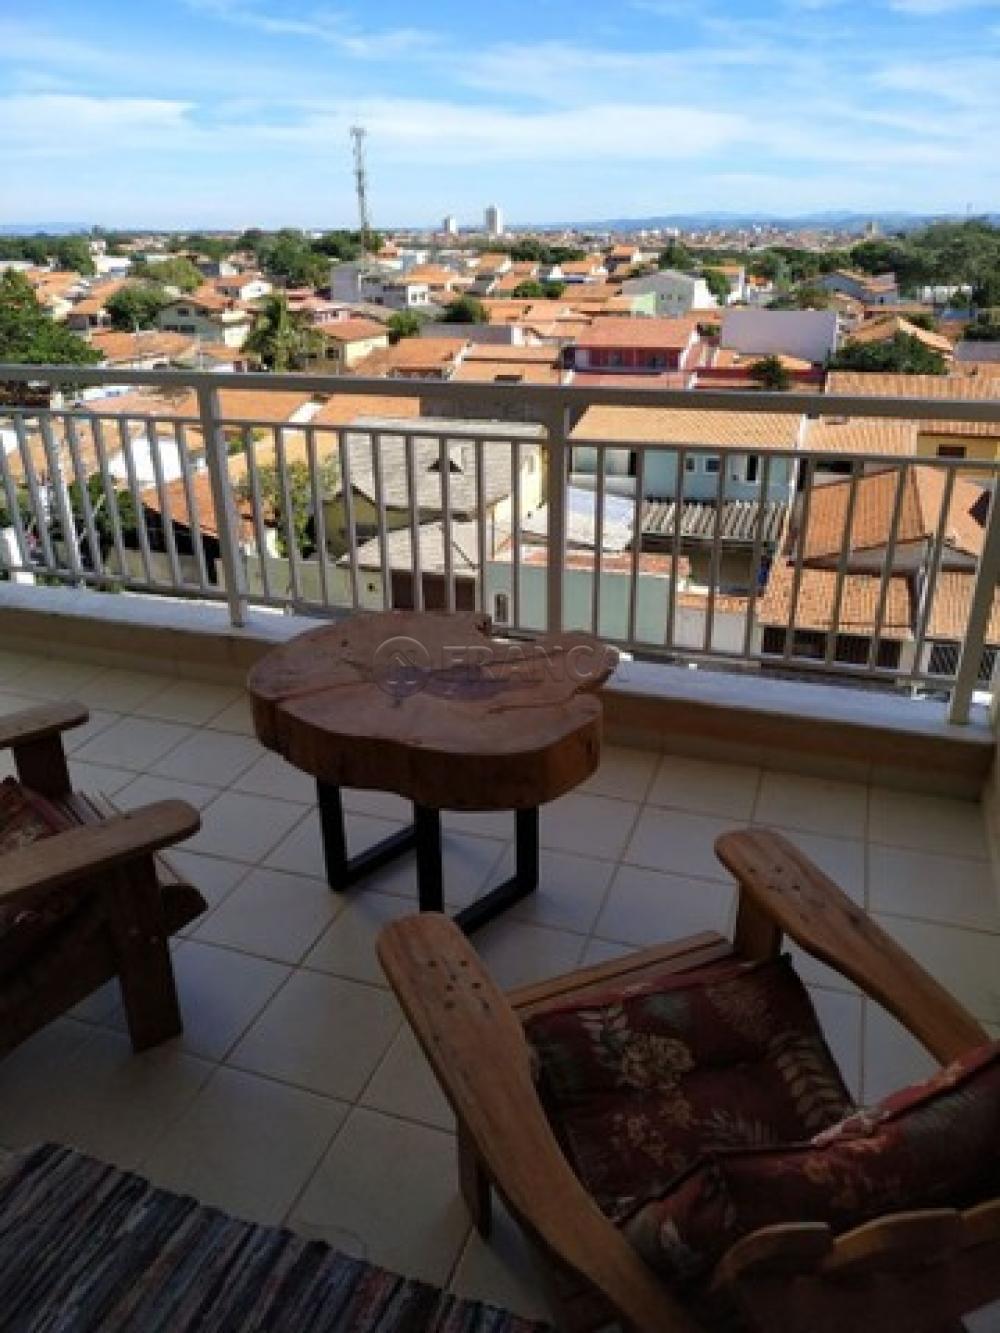 Comprar Apartamento / Padrão em São José dos Campos R$ 546.000,00 - Foto 3